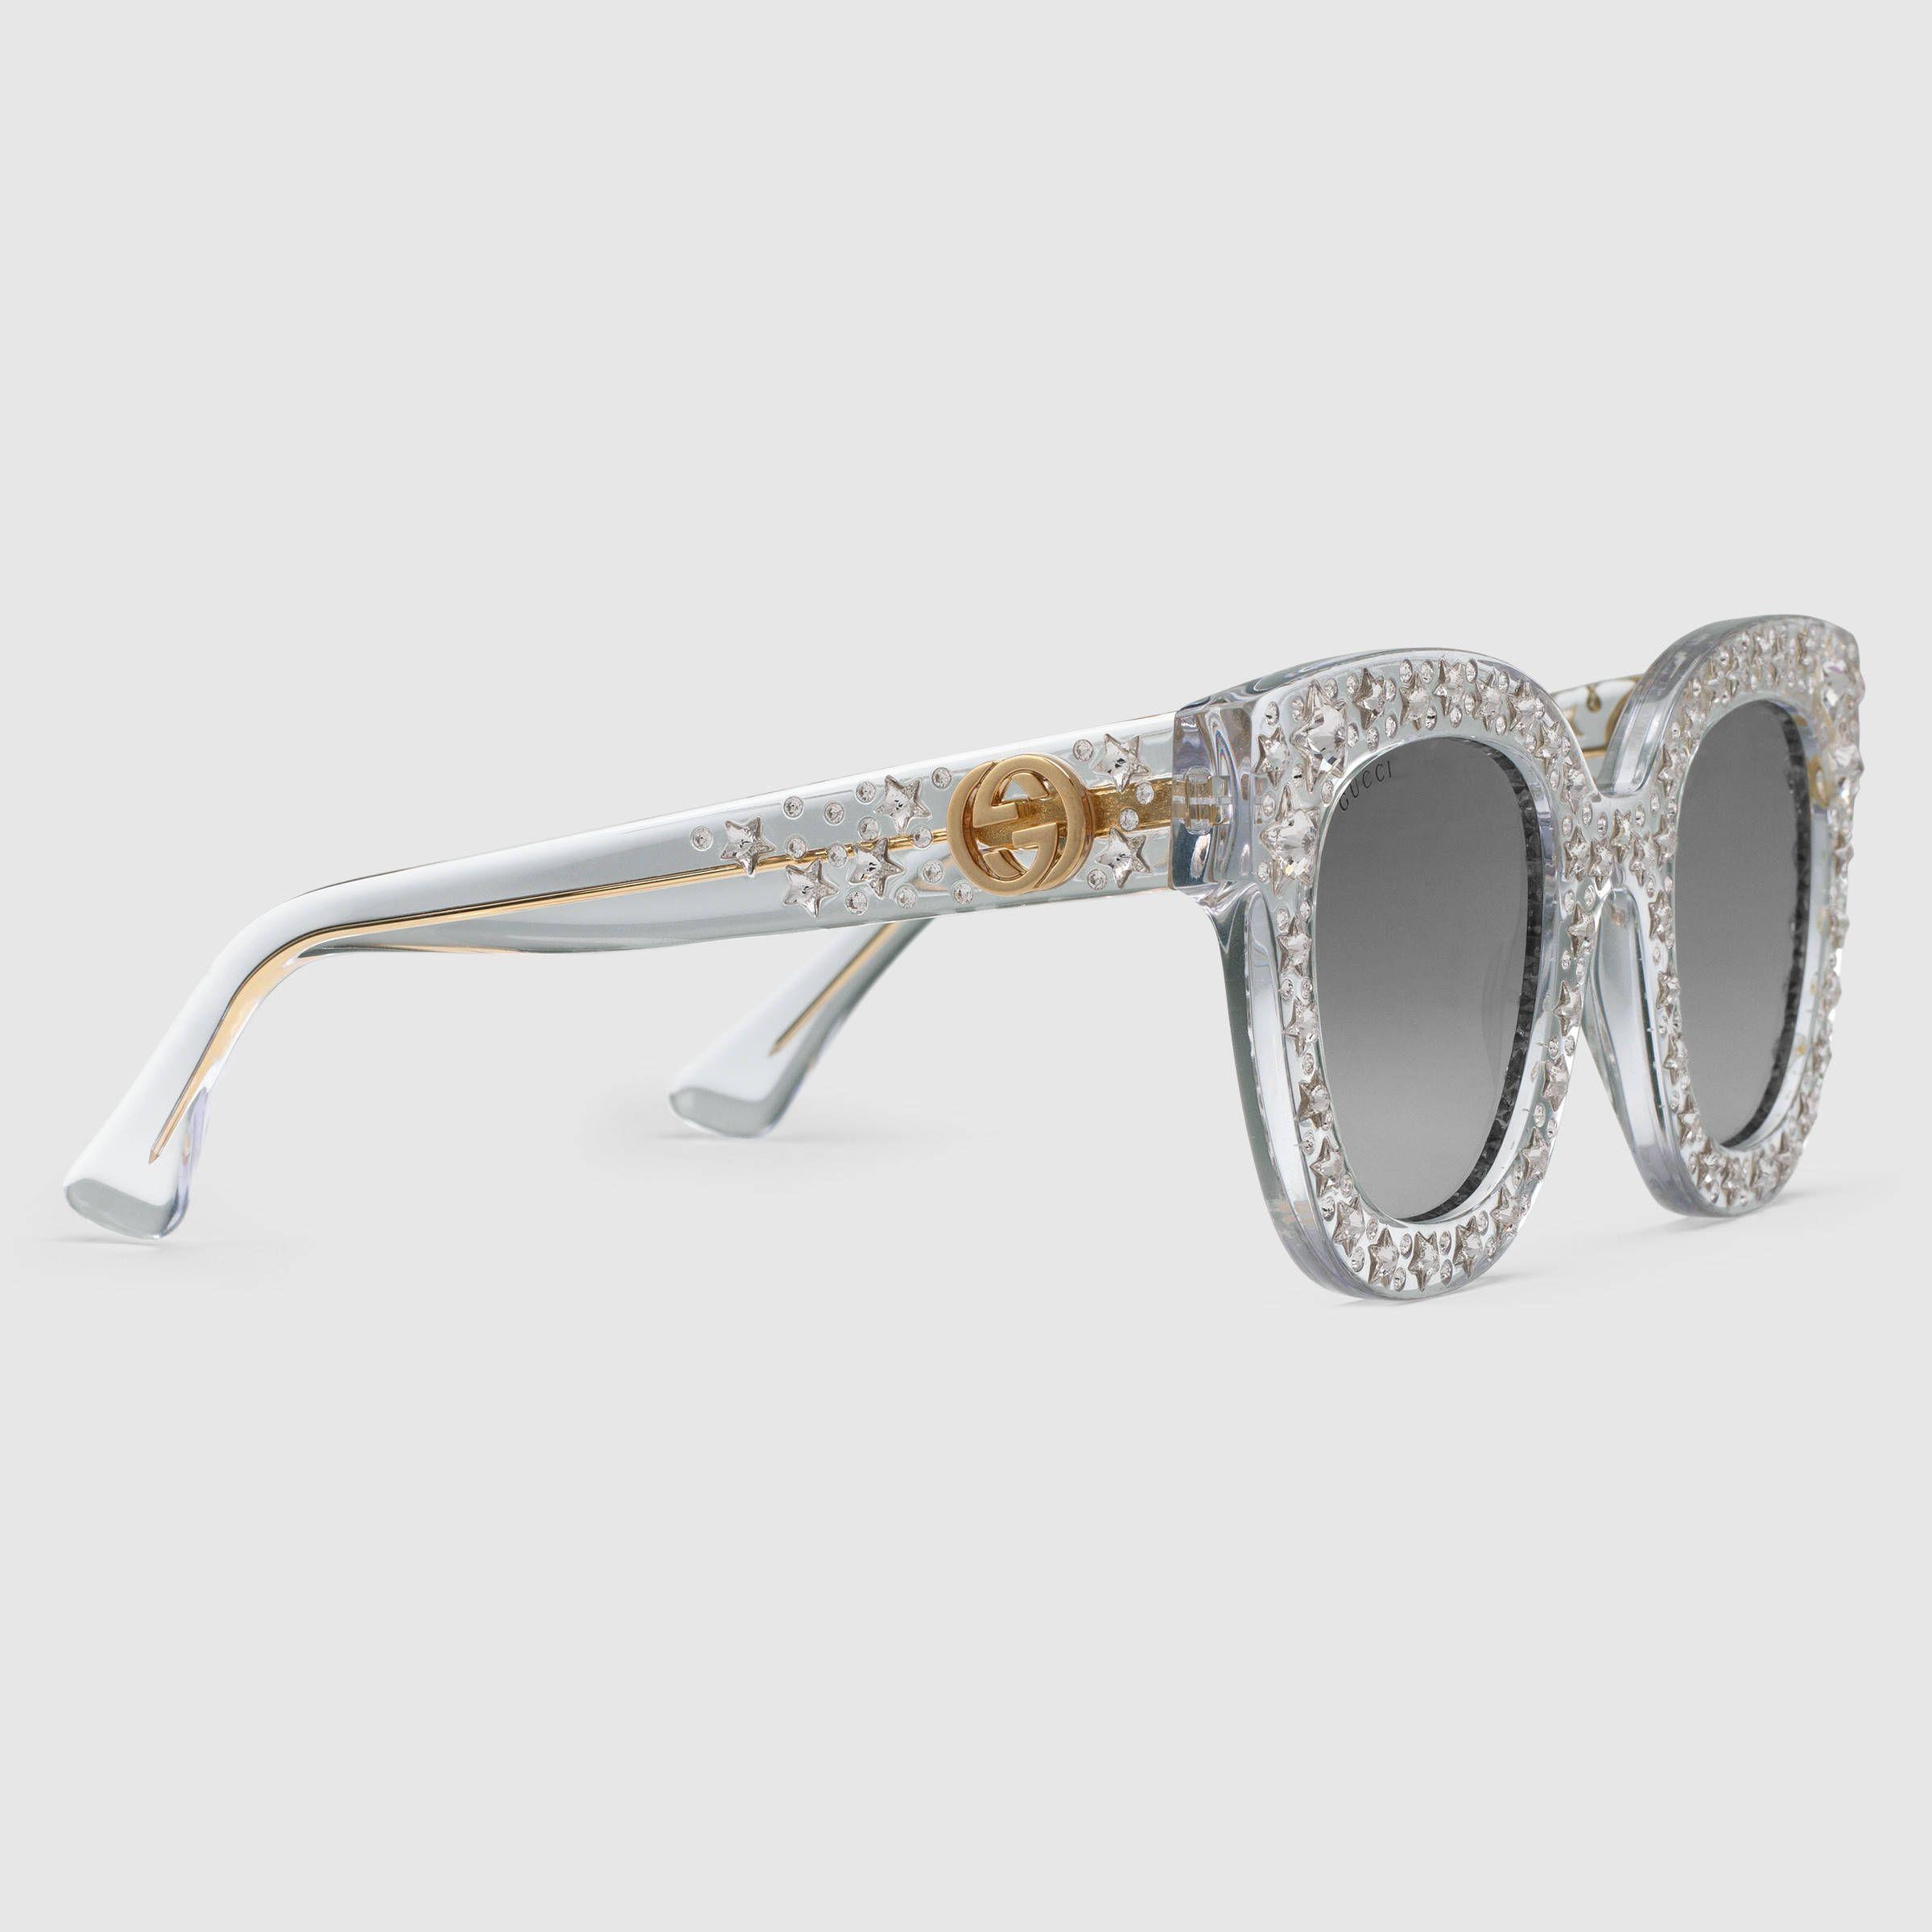 73f27cb492eb5 Gucci Lunettes de soleil œil-de-chat en acétate avec étoiles Detail 2